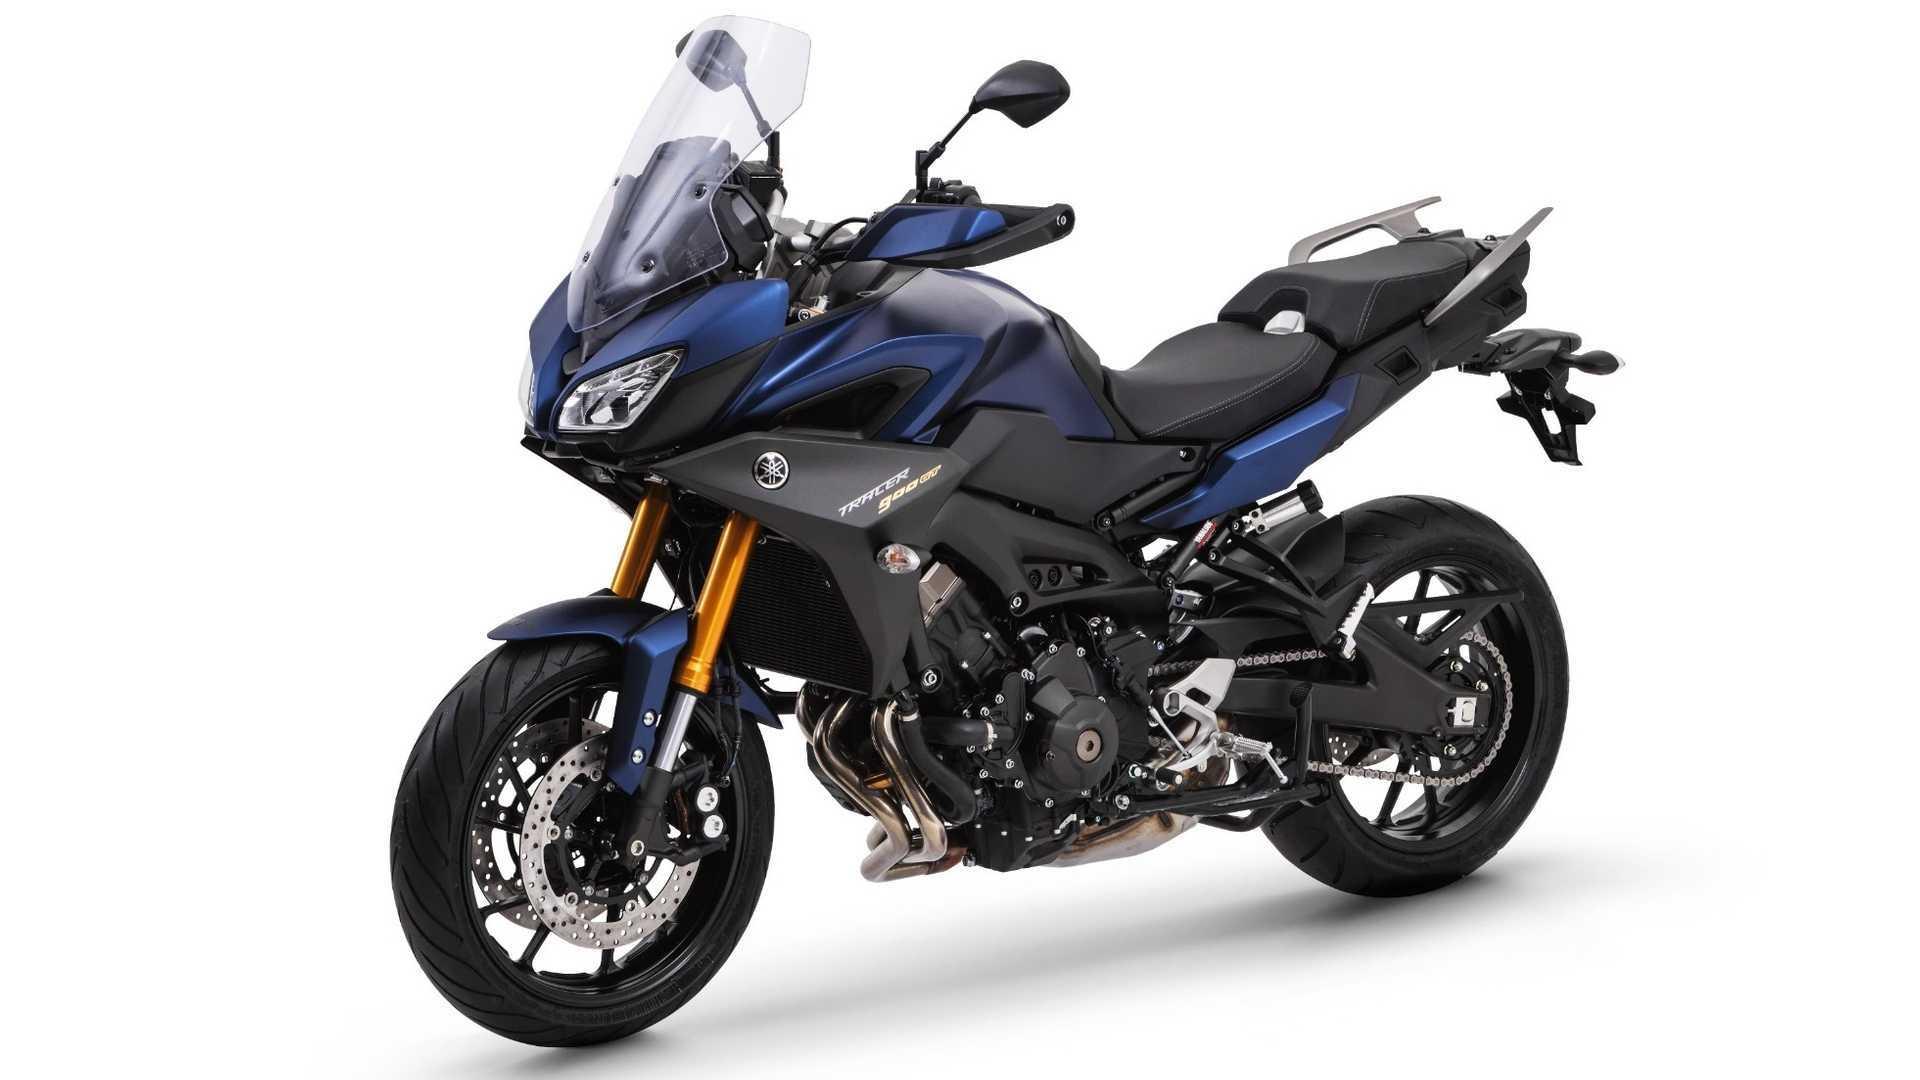 Resultado de imagem para Yamaha tracer 900 gt 2020